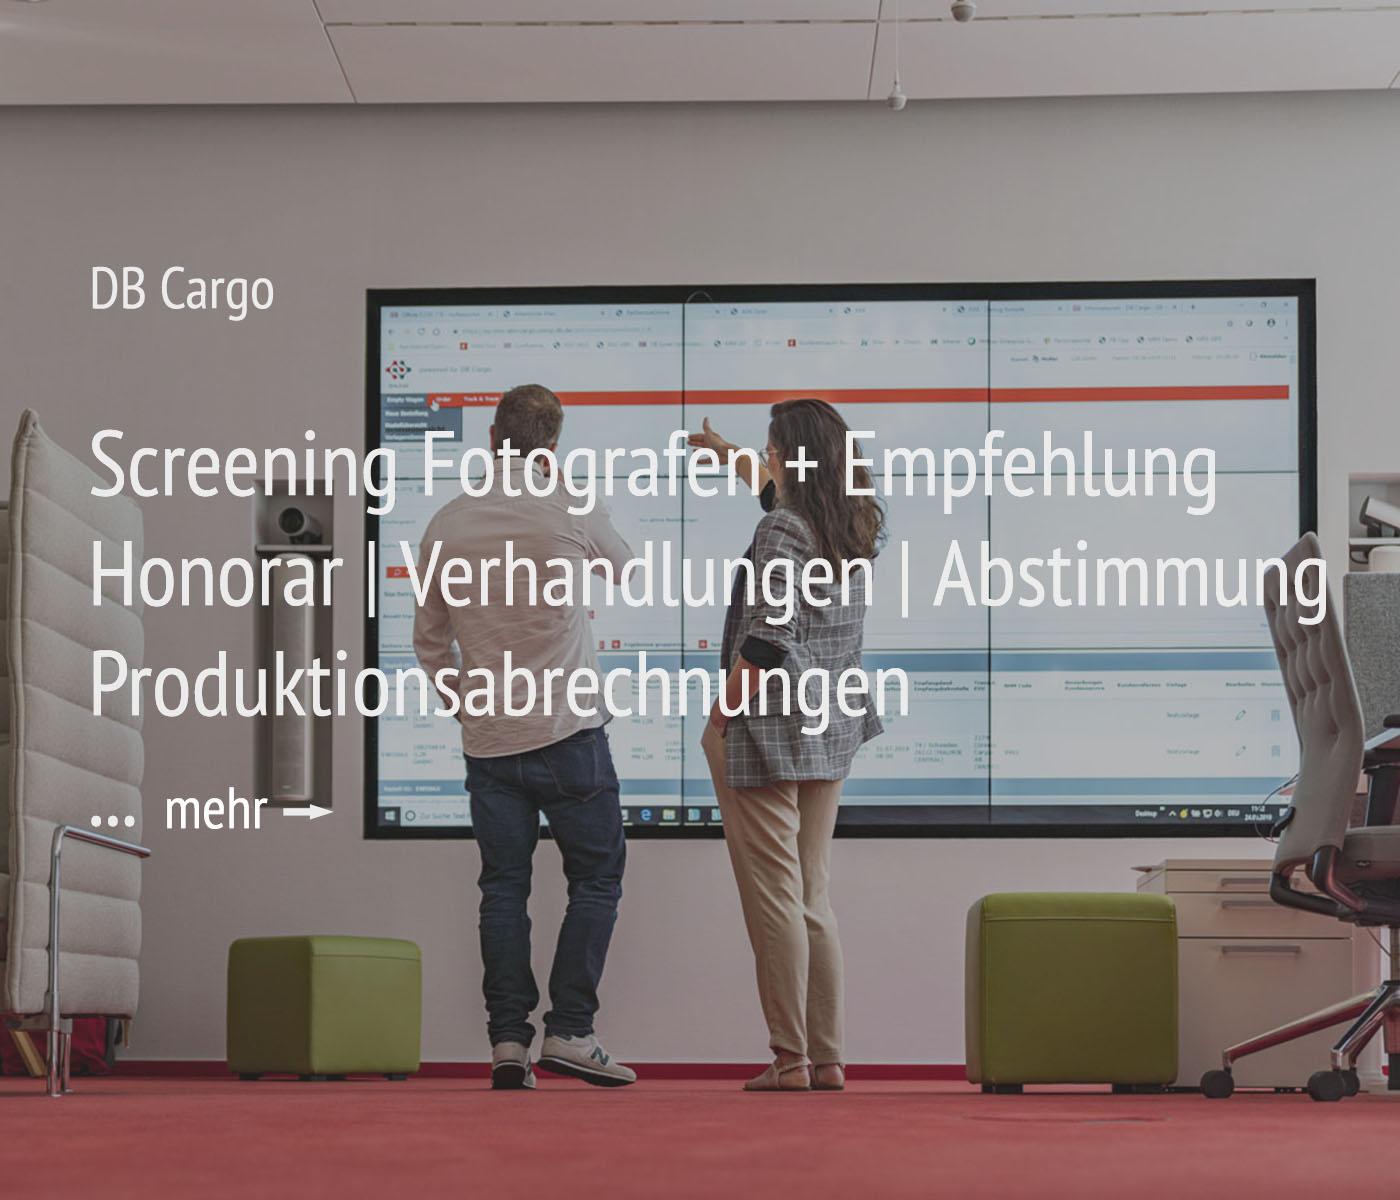 Fotografie von Thorsten Schmidtkord + Management + Organisation für das Projekt DB Cargo